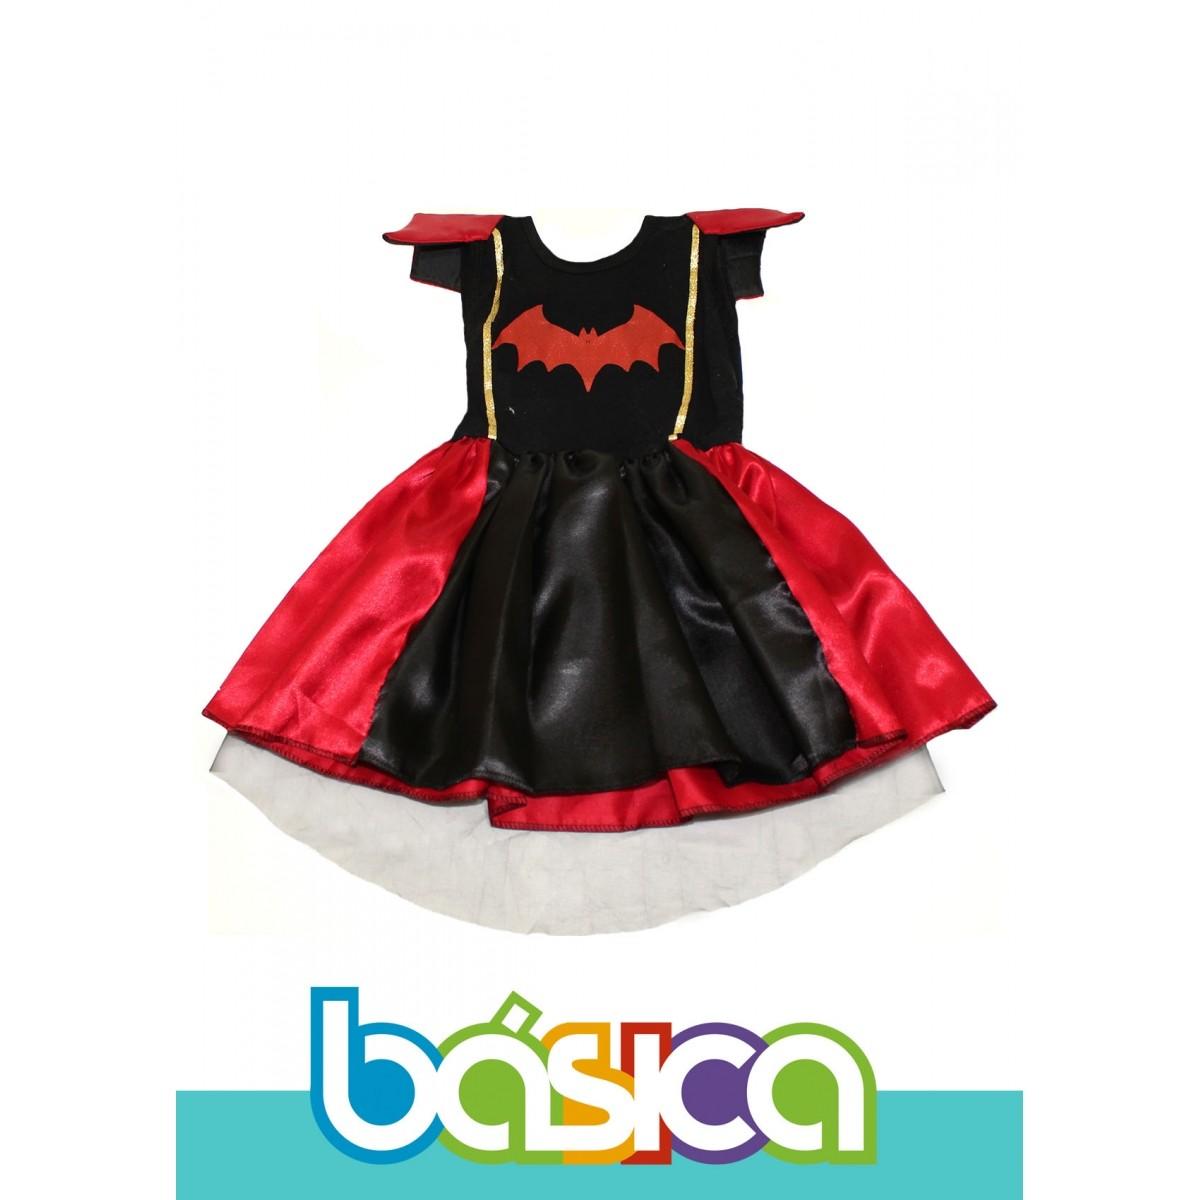 Fantasia de Bruxa Infantil Preto com Vermelho  - BÁSICA UNIFORMES